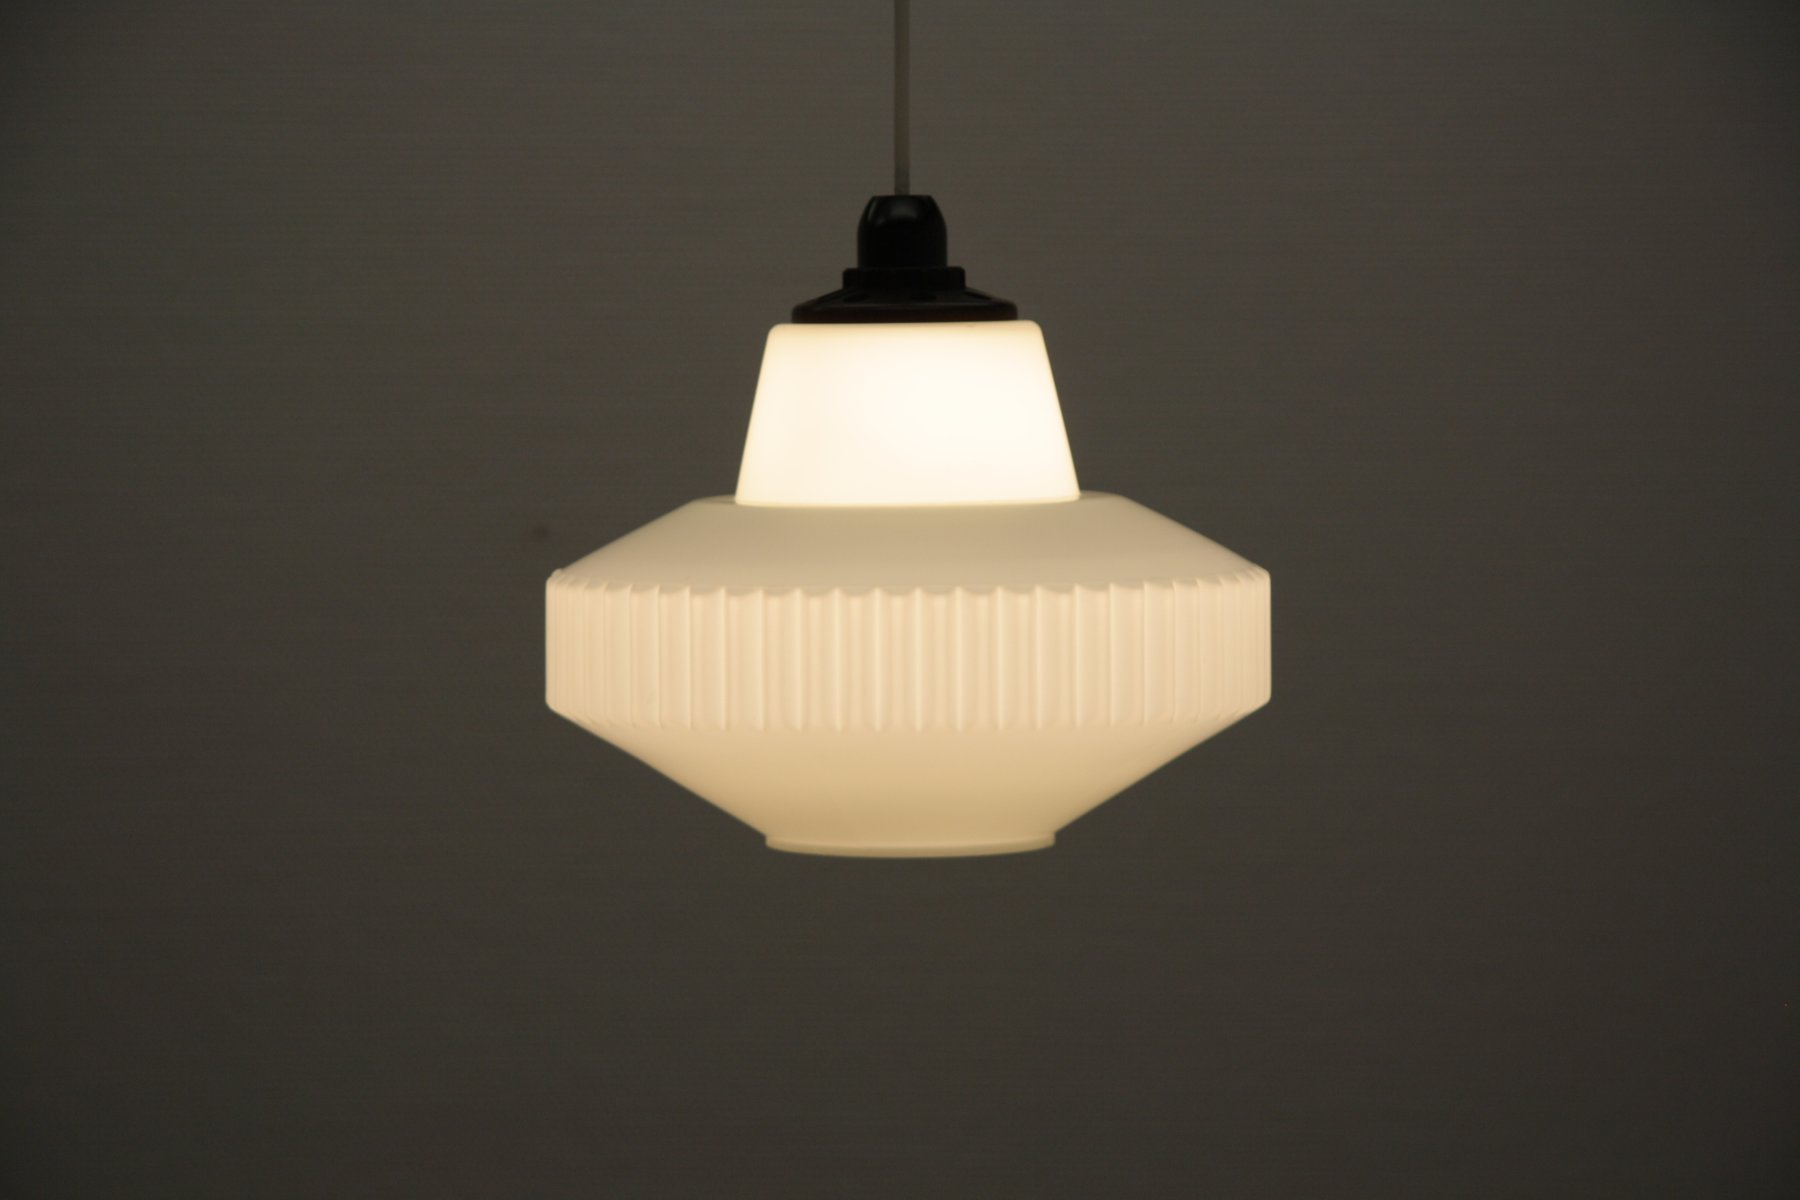 Lampe suspension vintage en verre givr blanc de philips en vente sur pamono - Lampe suspension vintage ...